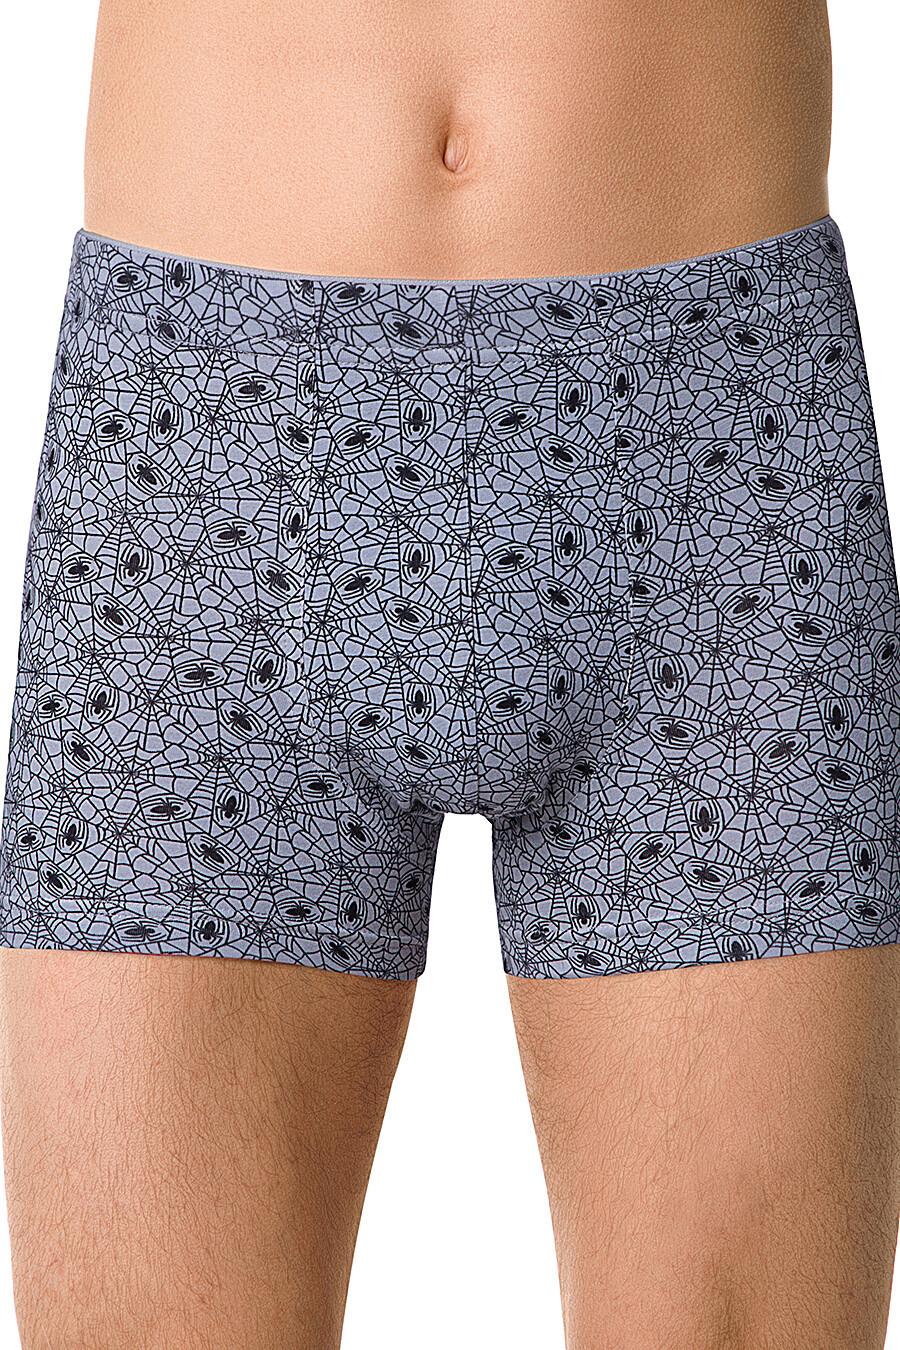 Трусы для мужчин DIWARI 165480 купить оптом от производителя. Совместная покупка мужской одежды в OptMoyo